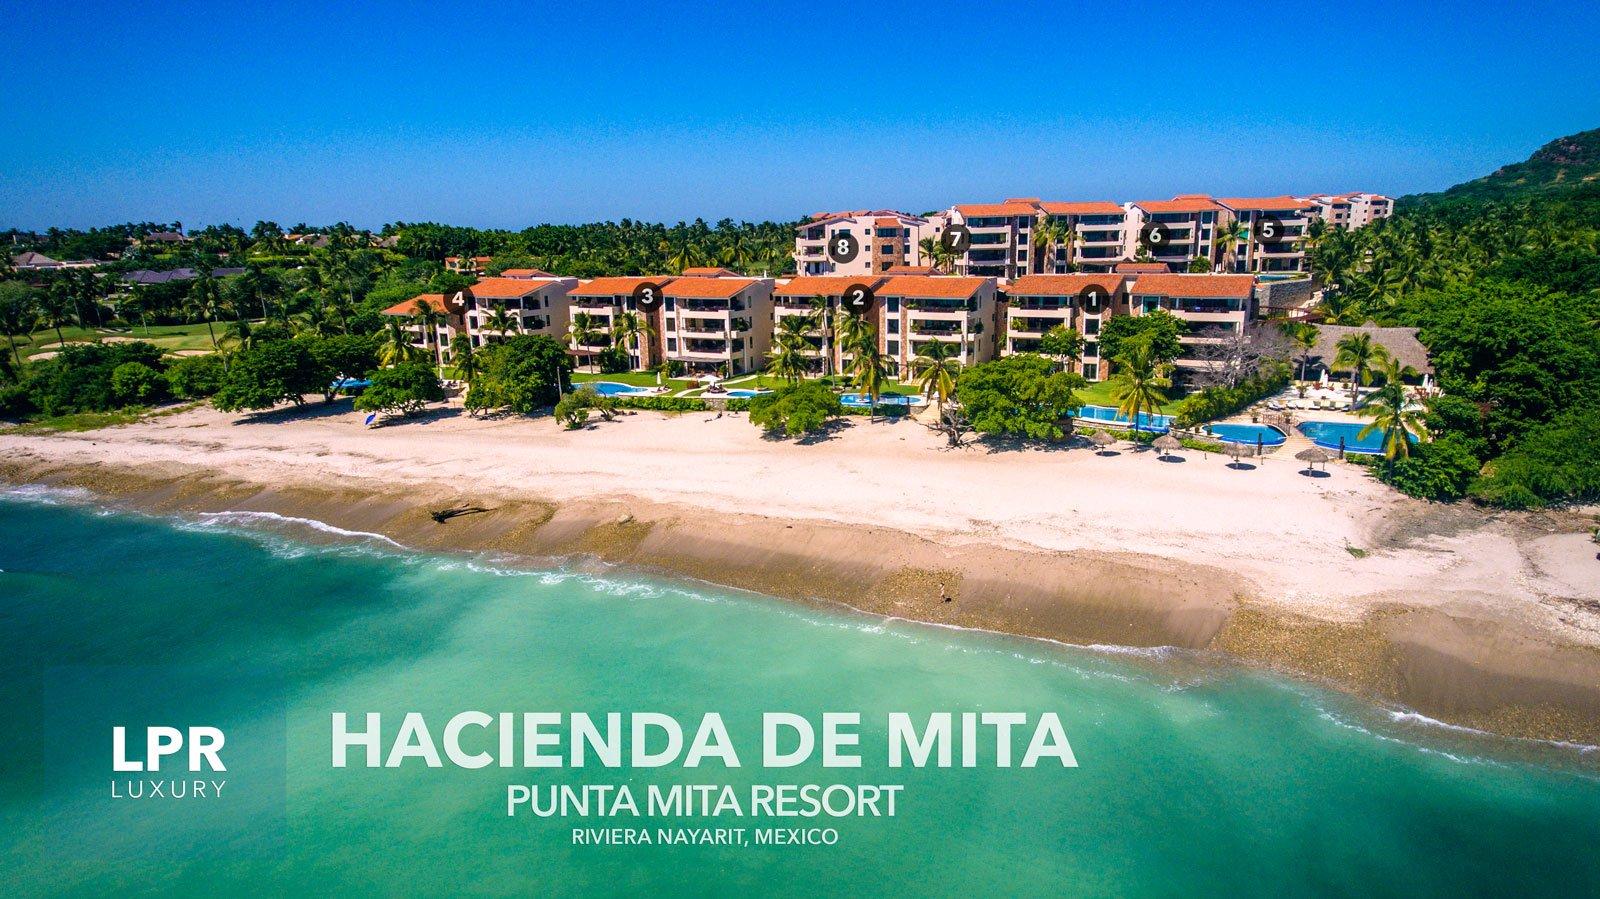 Hacienda de Mita - Luxury Punta Mita Mexico condos for sale and rent